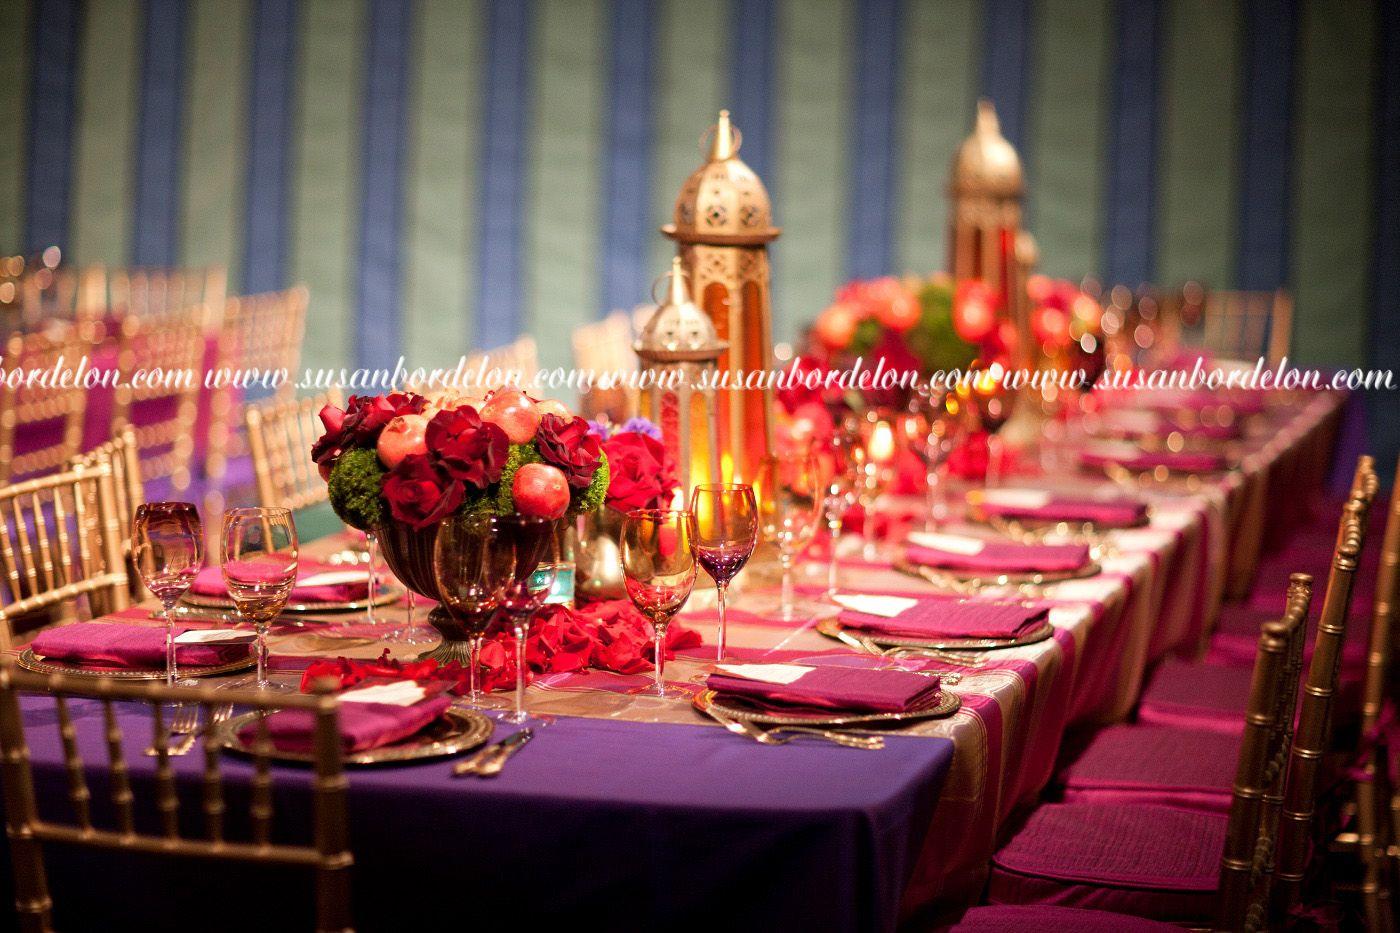 Arabian nights themed wedding prom pinterest for Arabian wedding decoration ideas